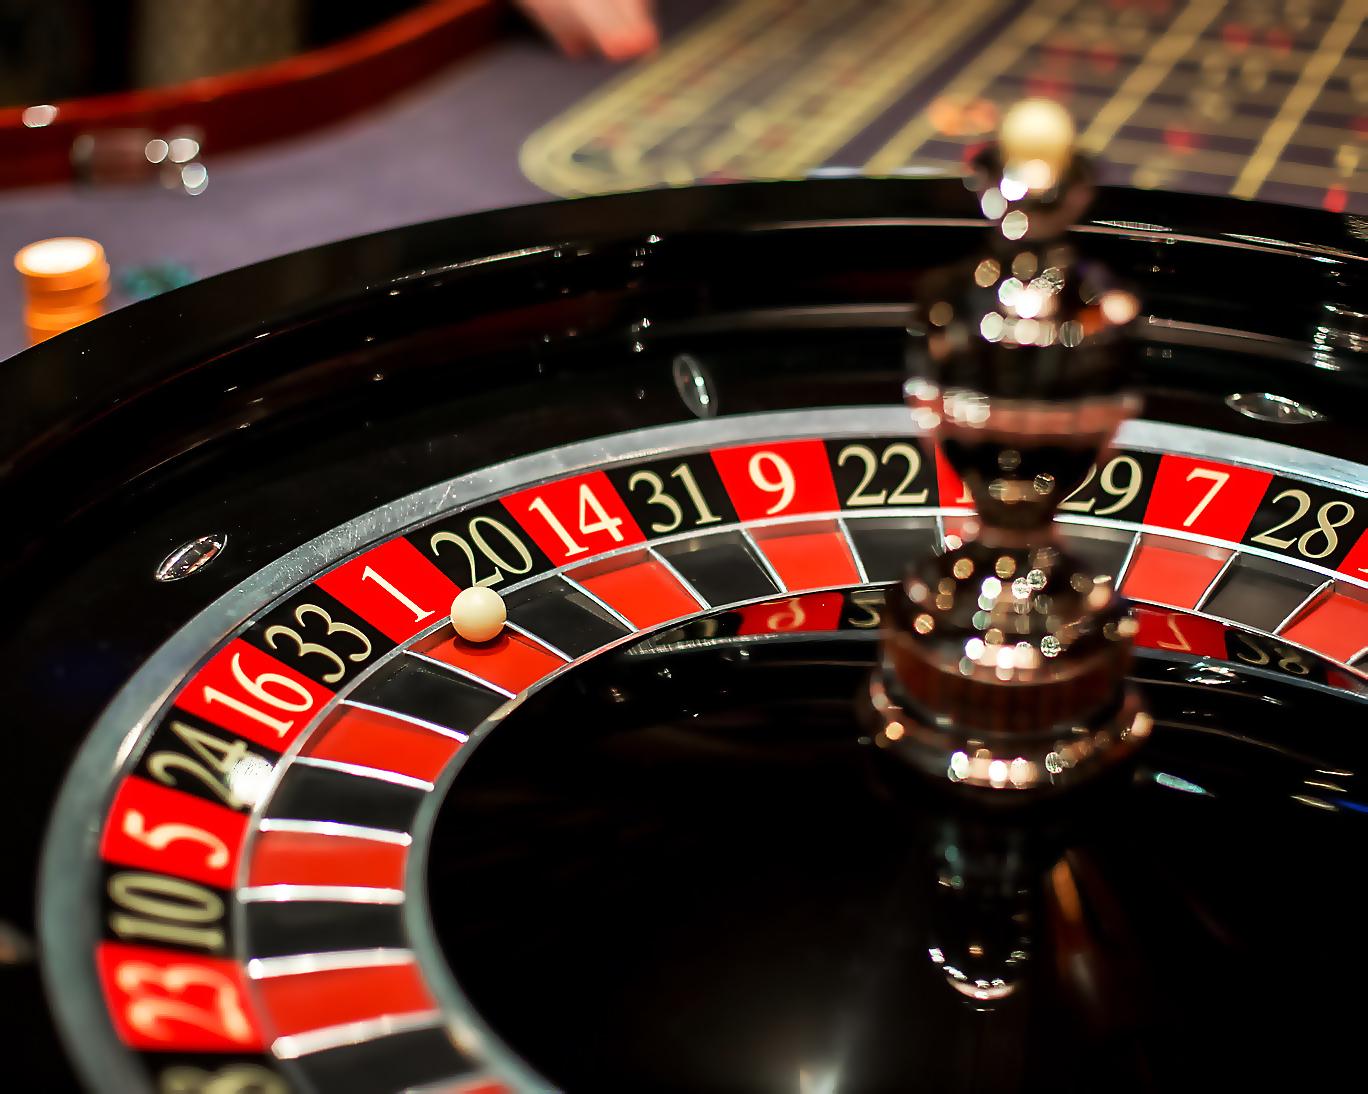 Играть казино рулетка игровые аппараты атракционы гонки симуляторы с ценами с фото